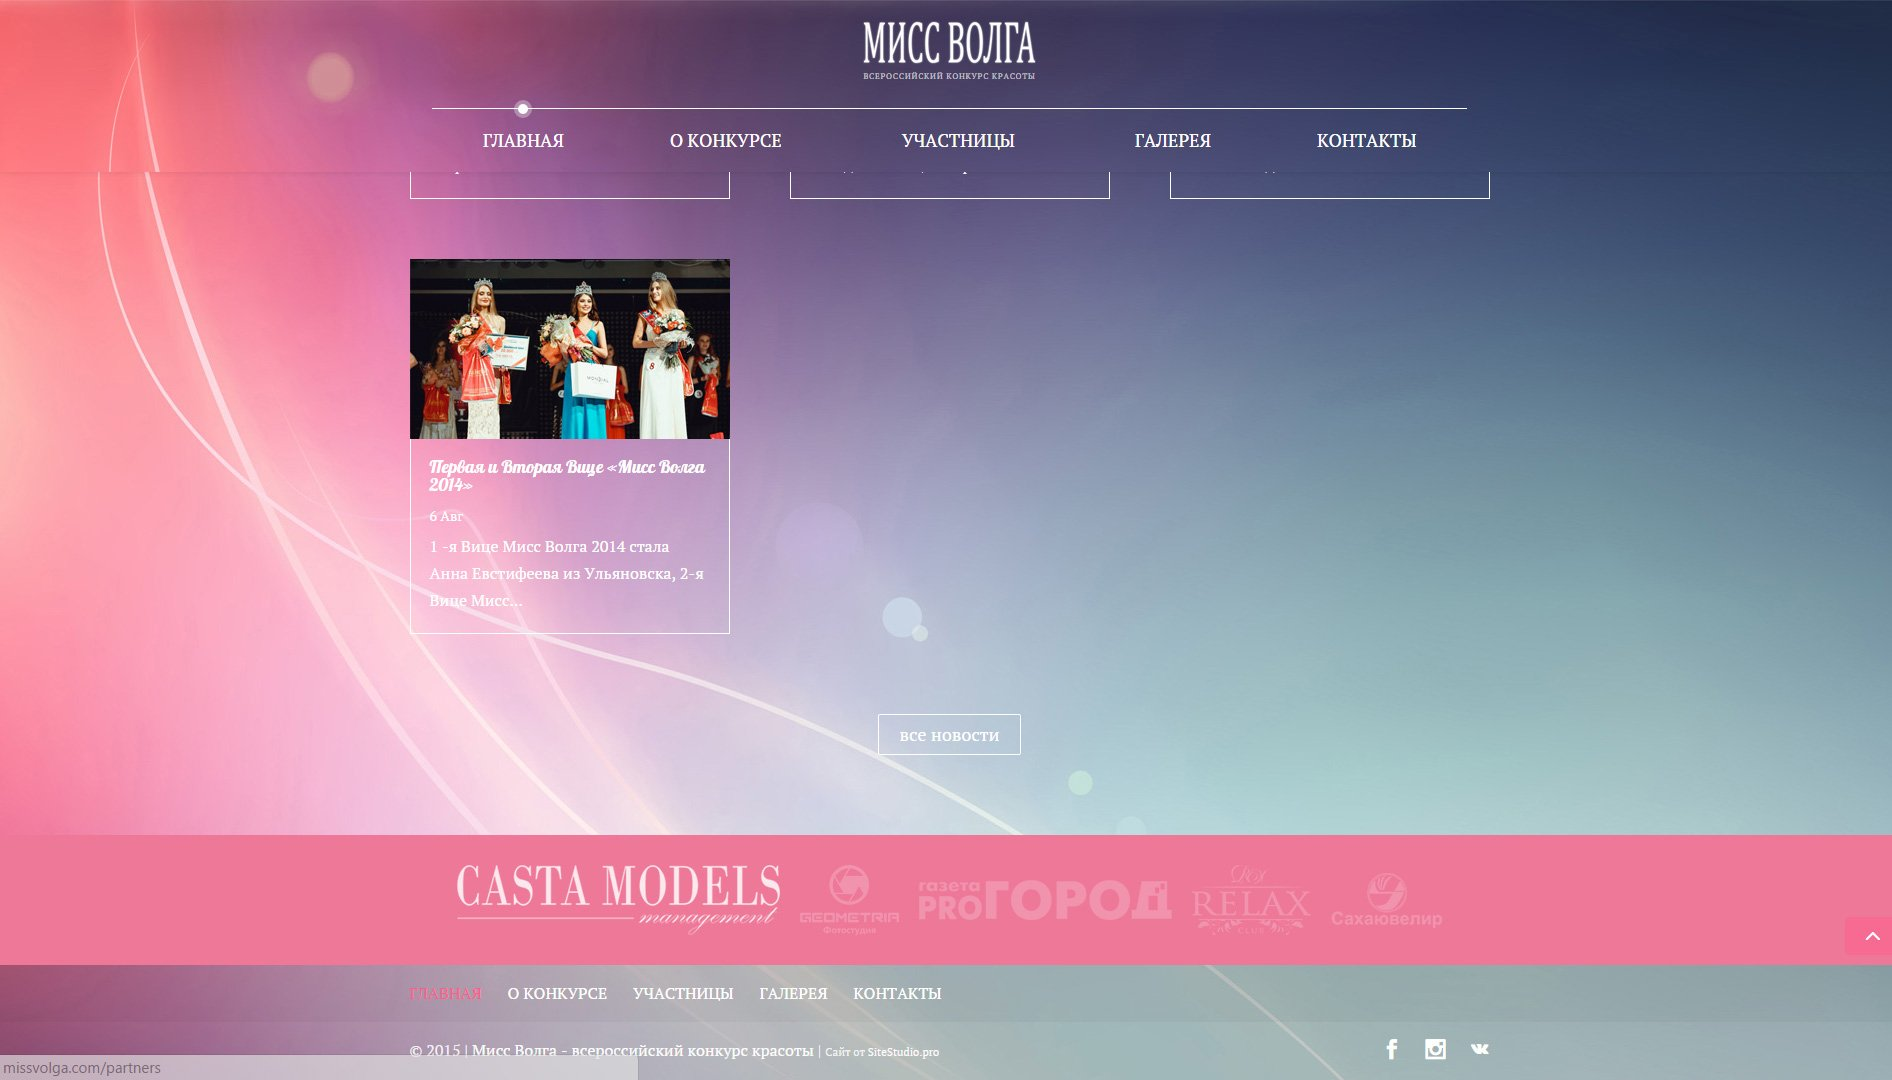 Создание сайта MissVolga.com (1)